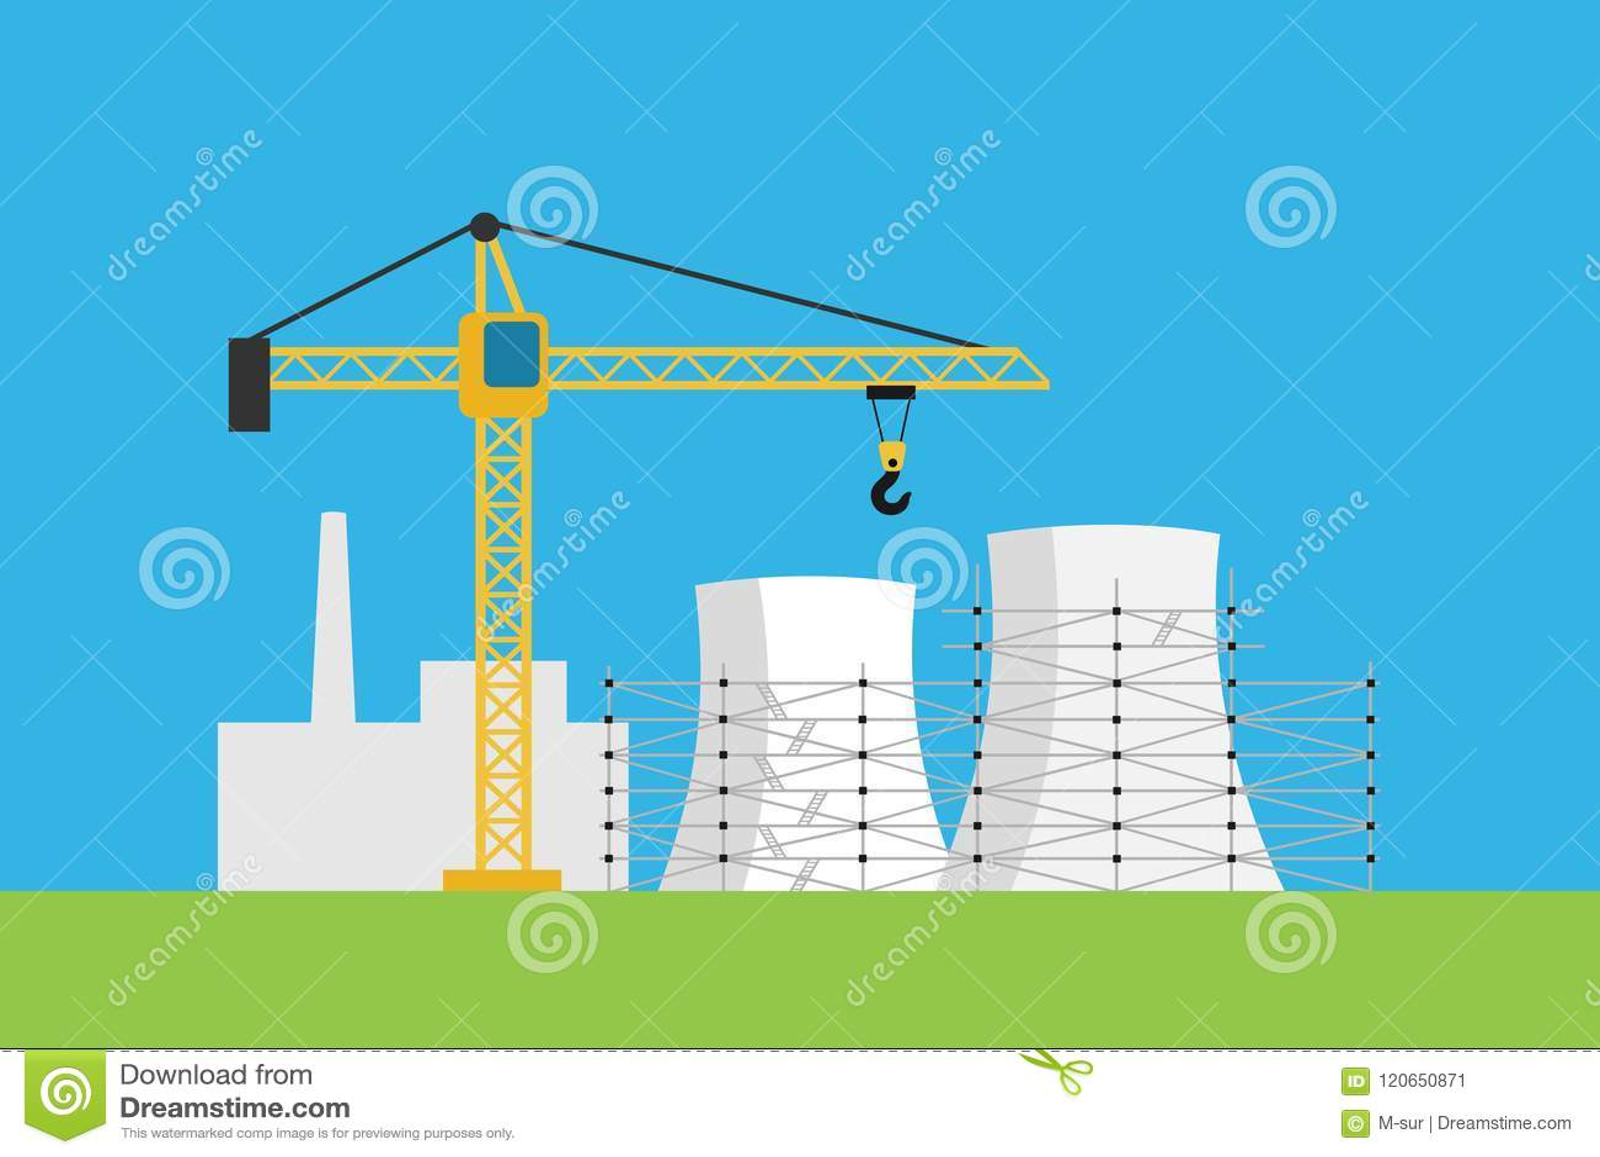 La Nuevas Central Nuclear Y Central Eléctrica Es Estructura